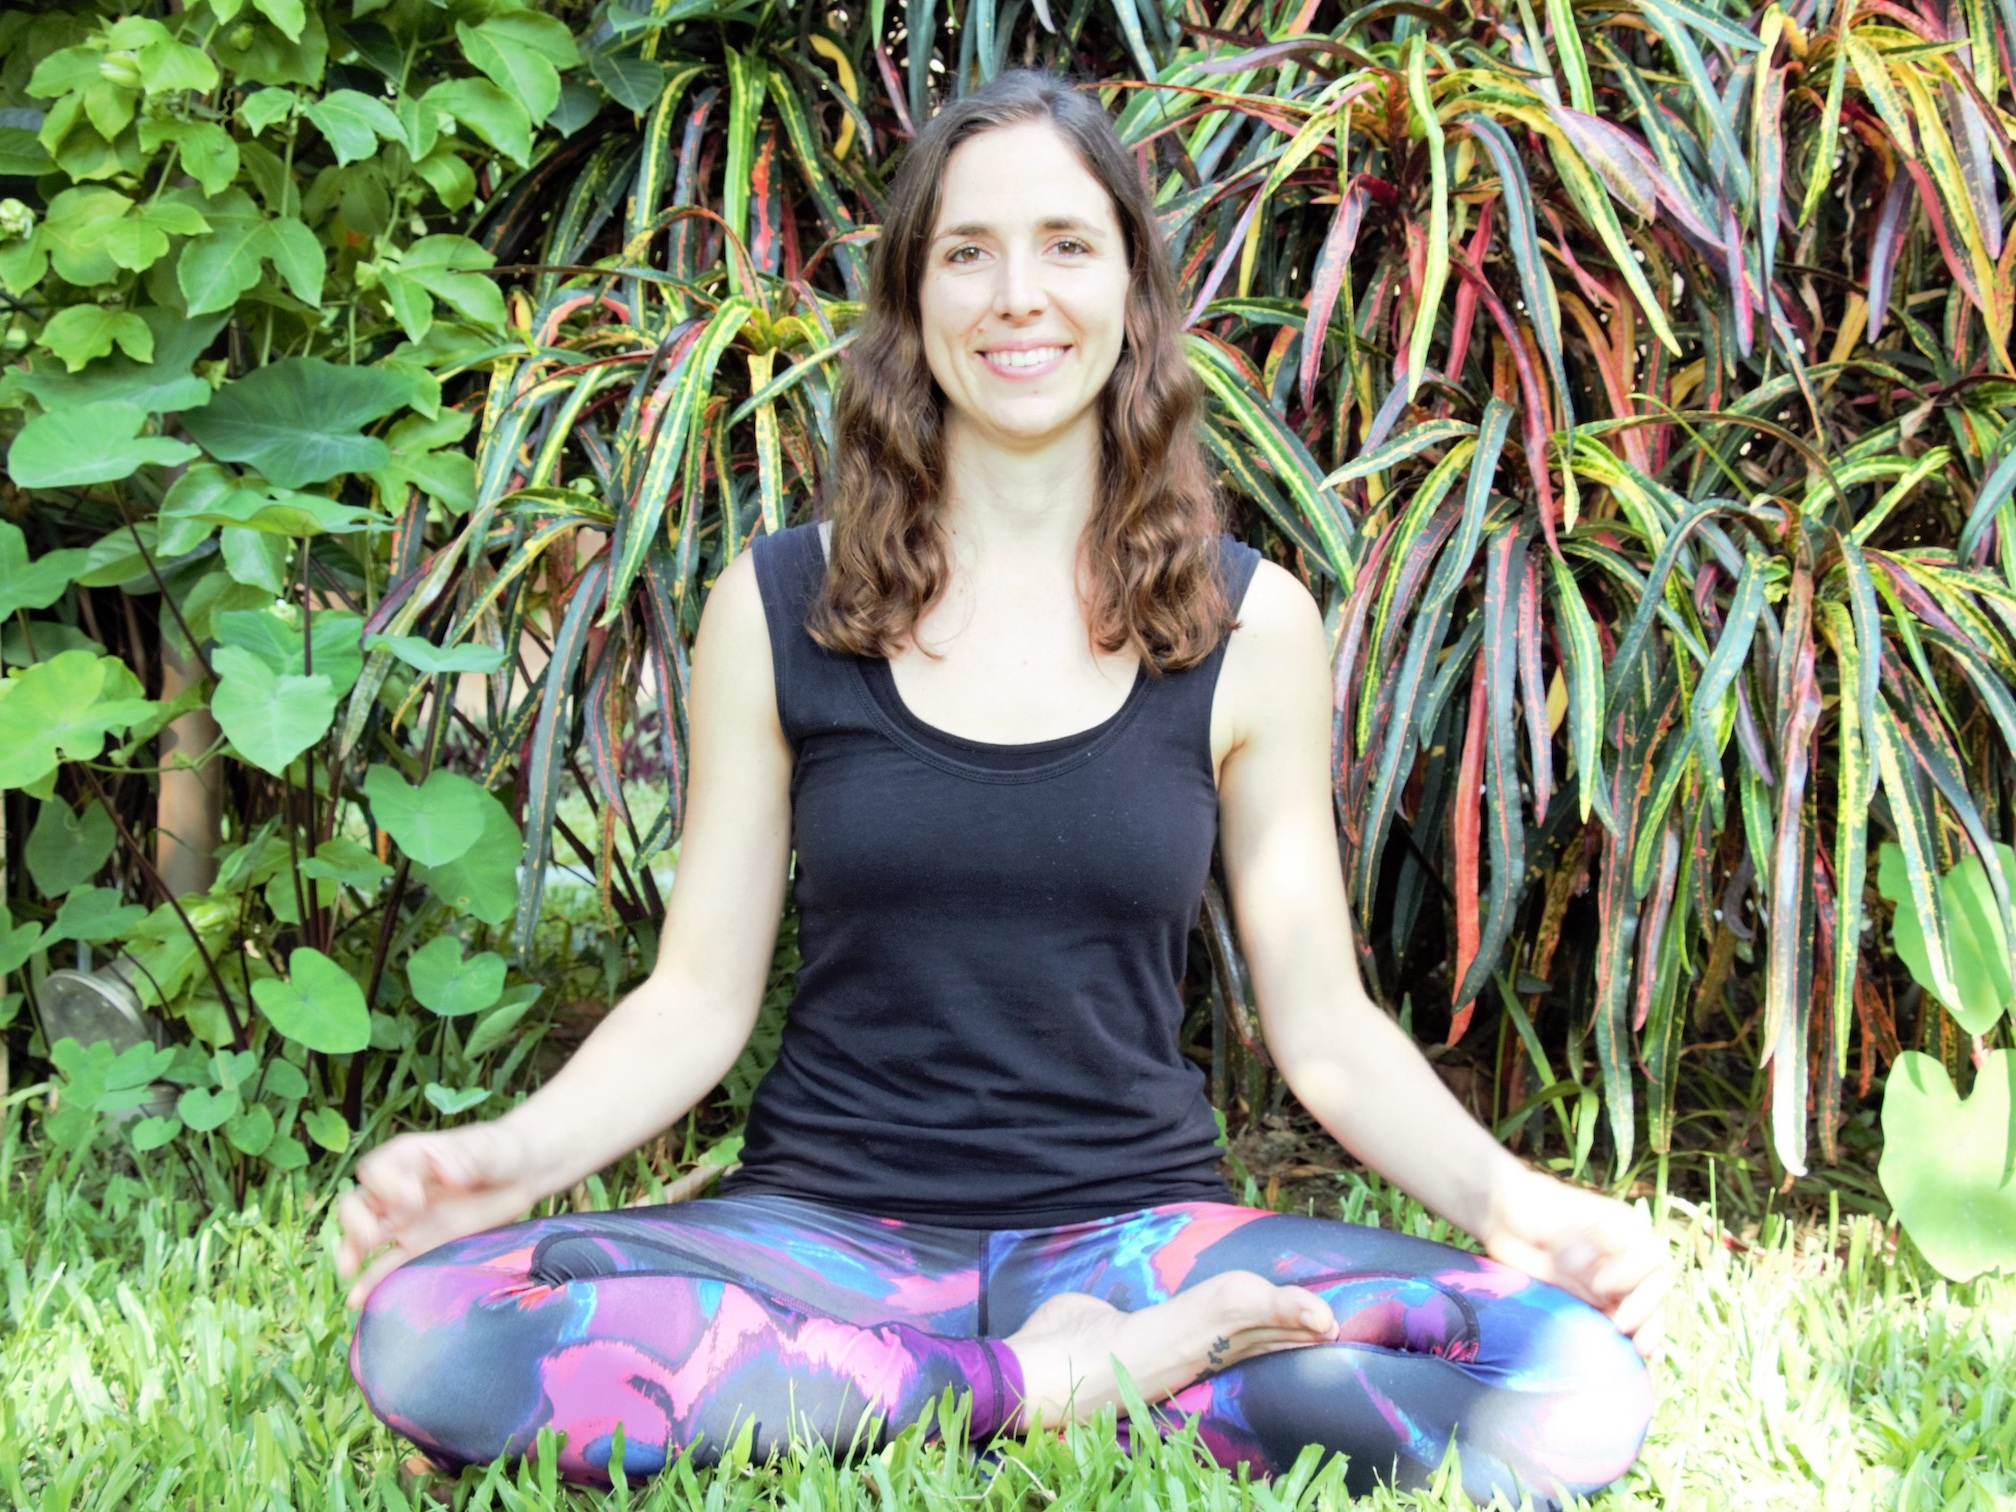 Bianca+Cassingena-meditation.jpg